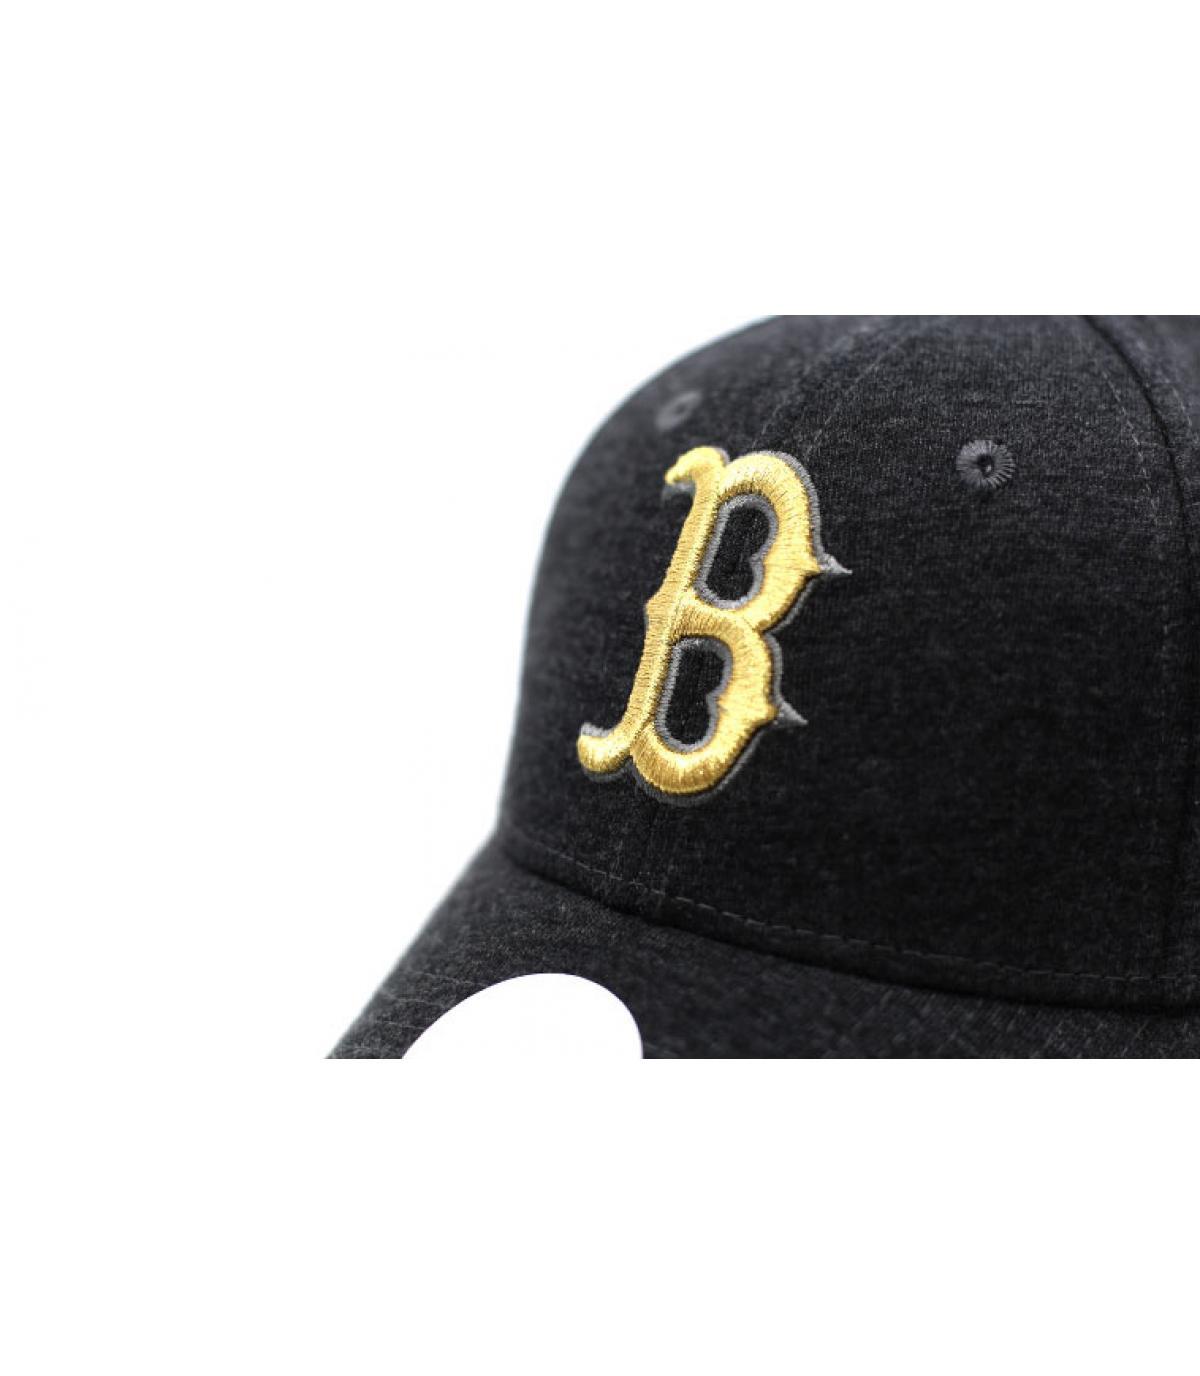 Détails Casquette Wmns Ess Jersey 9Forty Boston graphite gold - image 3